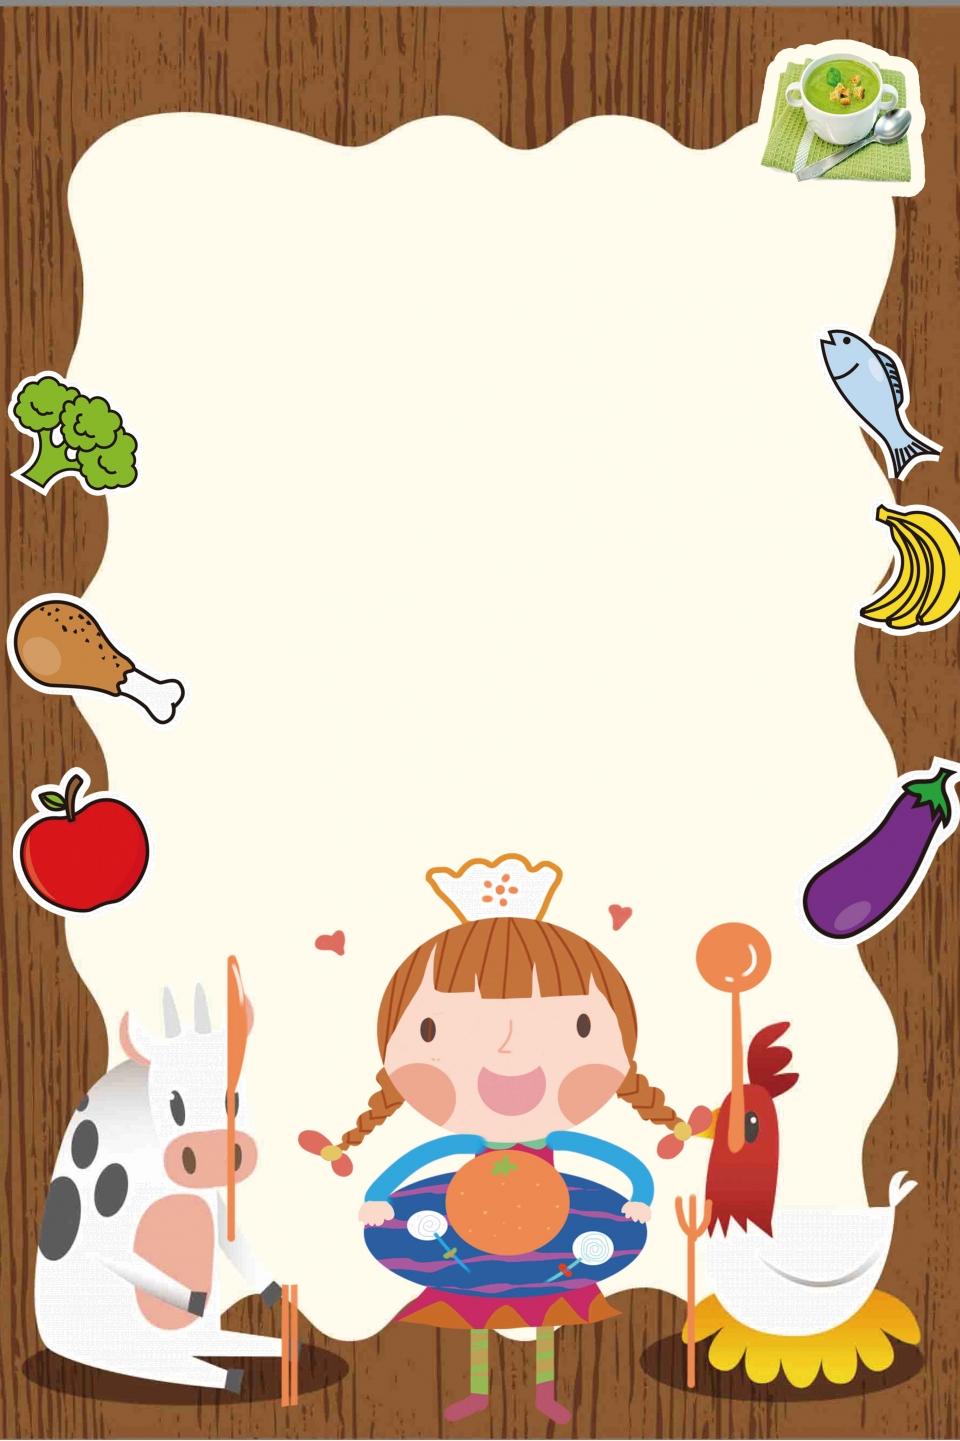 وجبة الأطفال الغذائية الصحة حياة جديدة نظام غذائي معقول غذائي النظام الغذائي تناول الطعام صورة الخلفية للتحميل مجانا